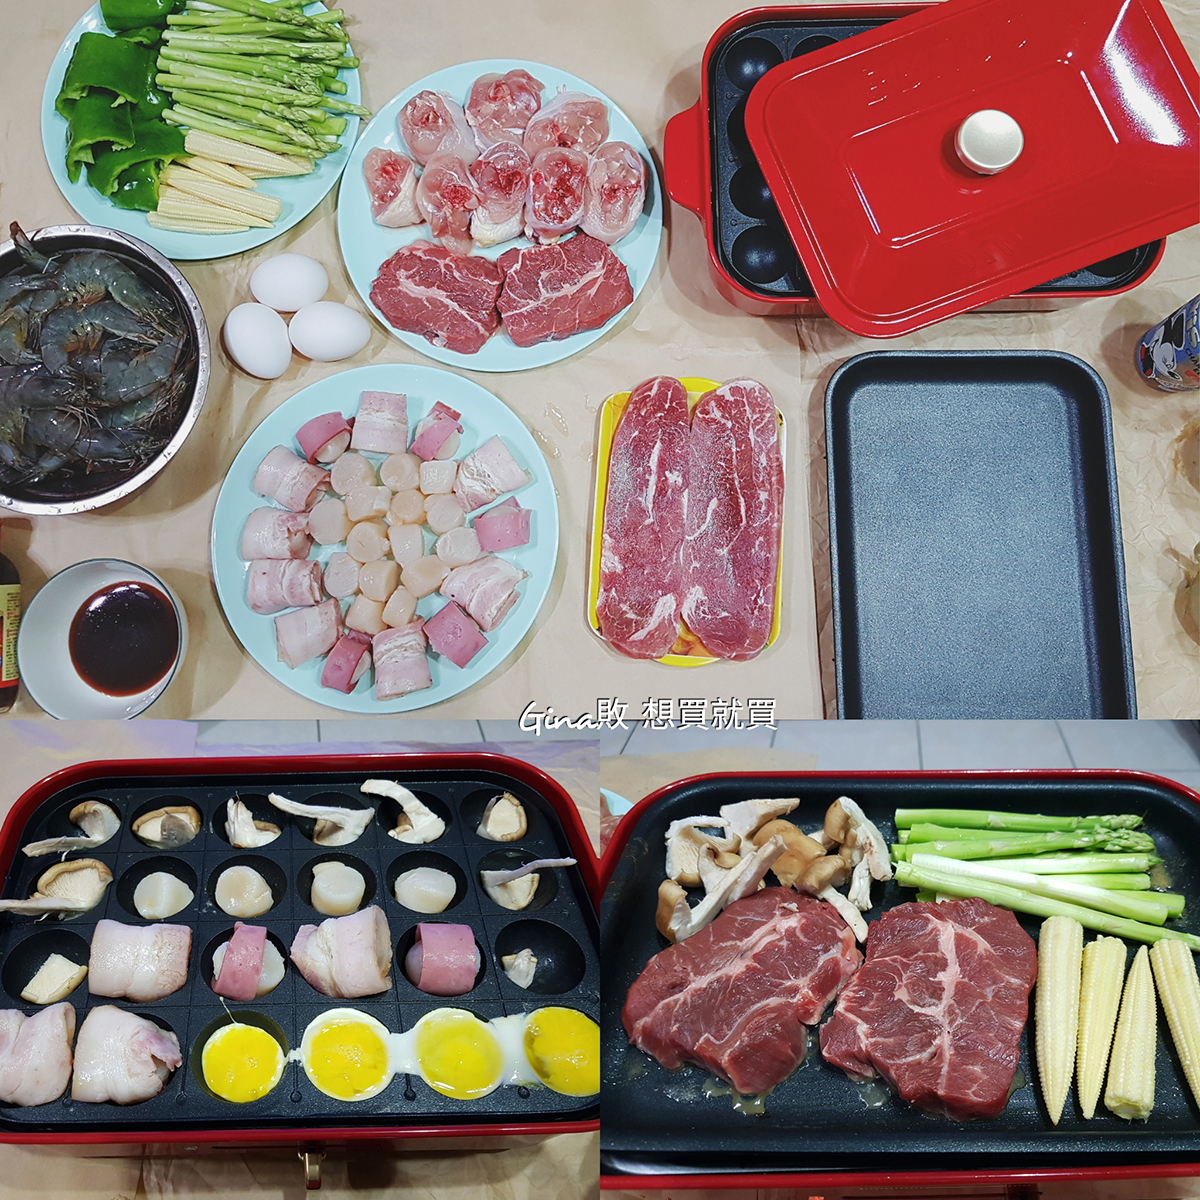 【2020日本BRUNO團購】熱銷多功能電烤盤|居家燒烤、烤肉必備 @GINA環球旅行生活|不會韓文也可以去韓國 🇹🇼